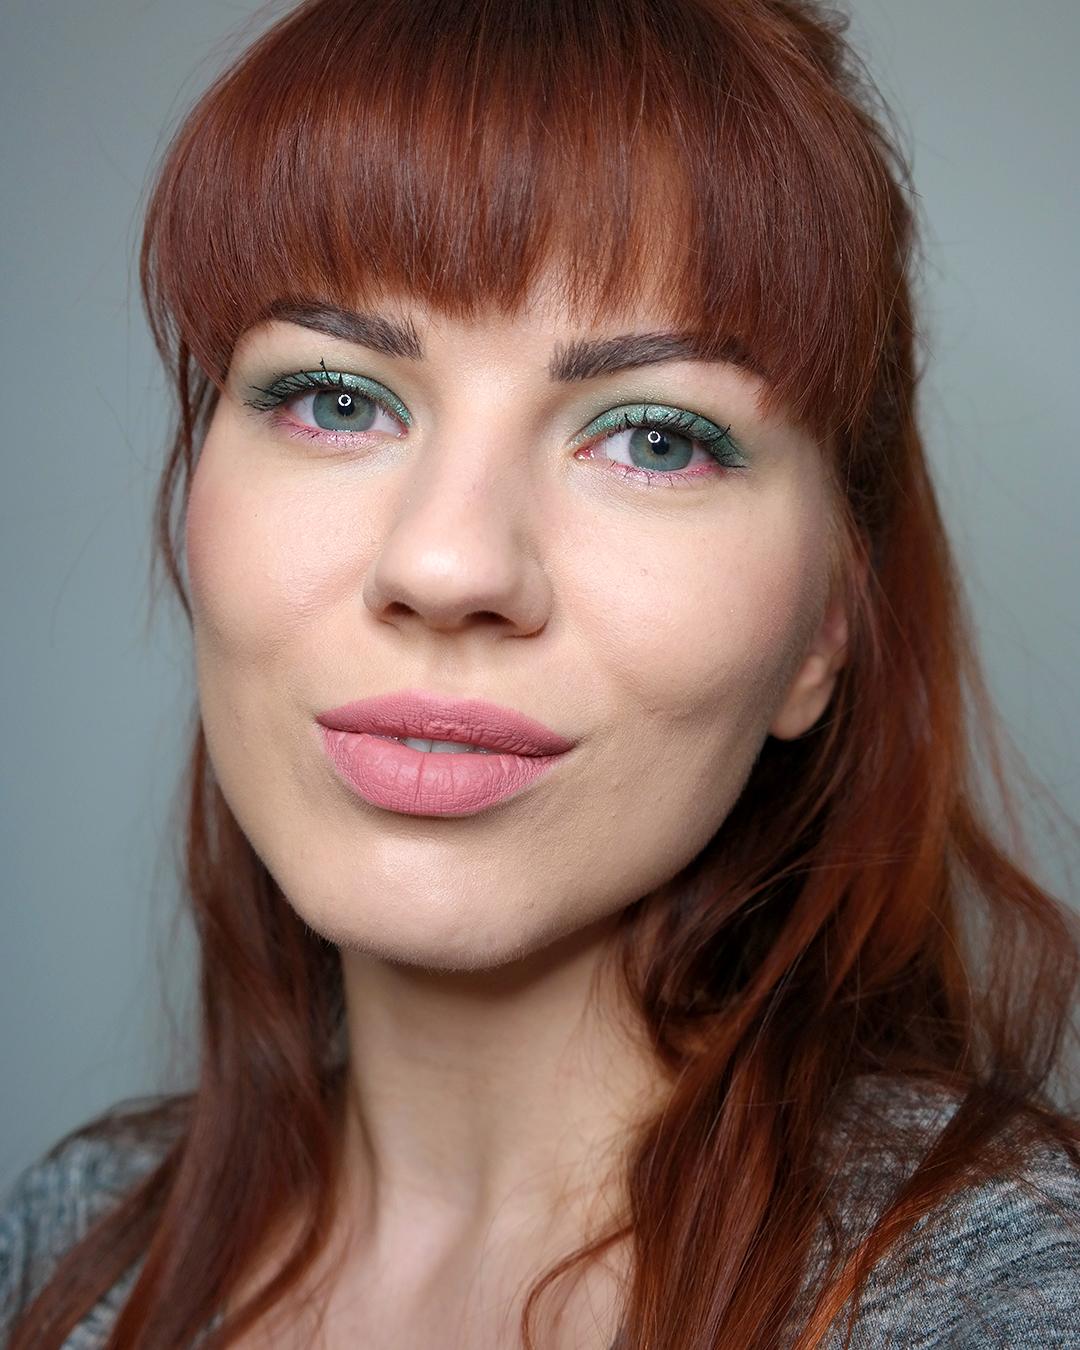 pinkki vihreä meikki